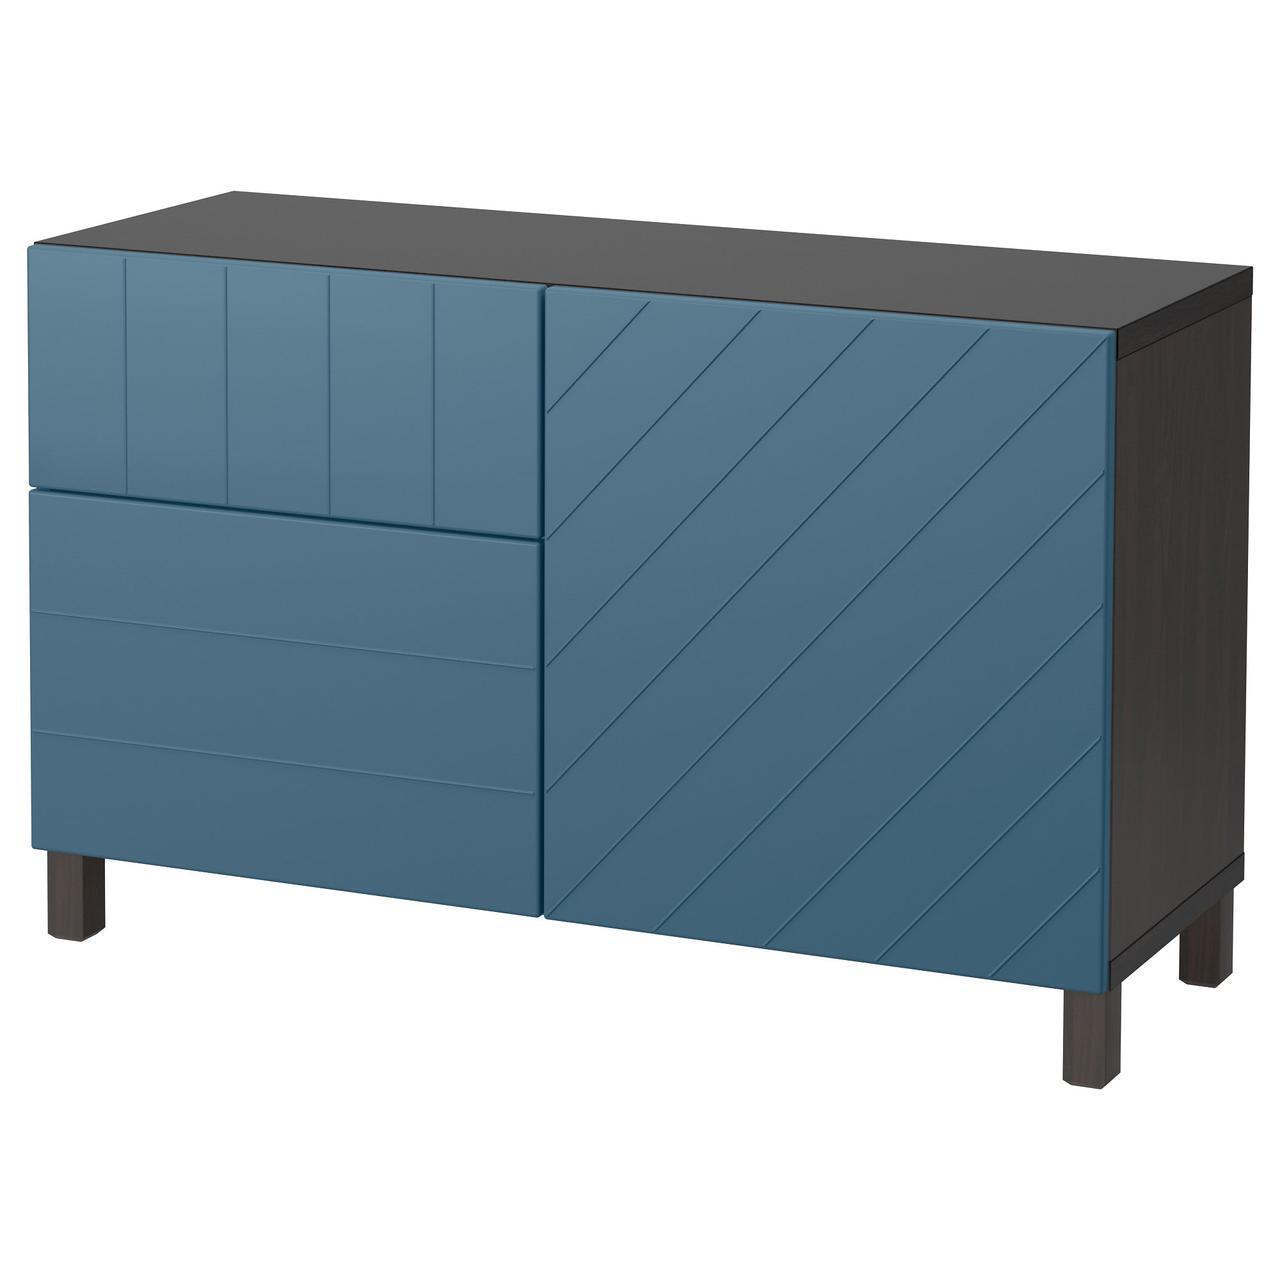 Тумба IKEA BESTÅ 120x40x74 см Hallstavik черно-коричневая темно-синяя 092.191.98